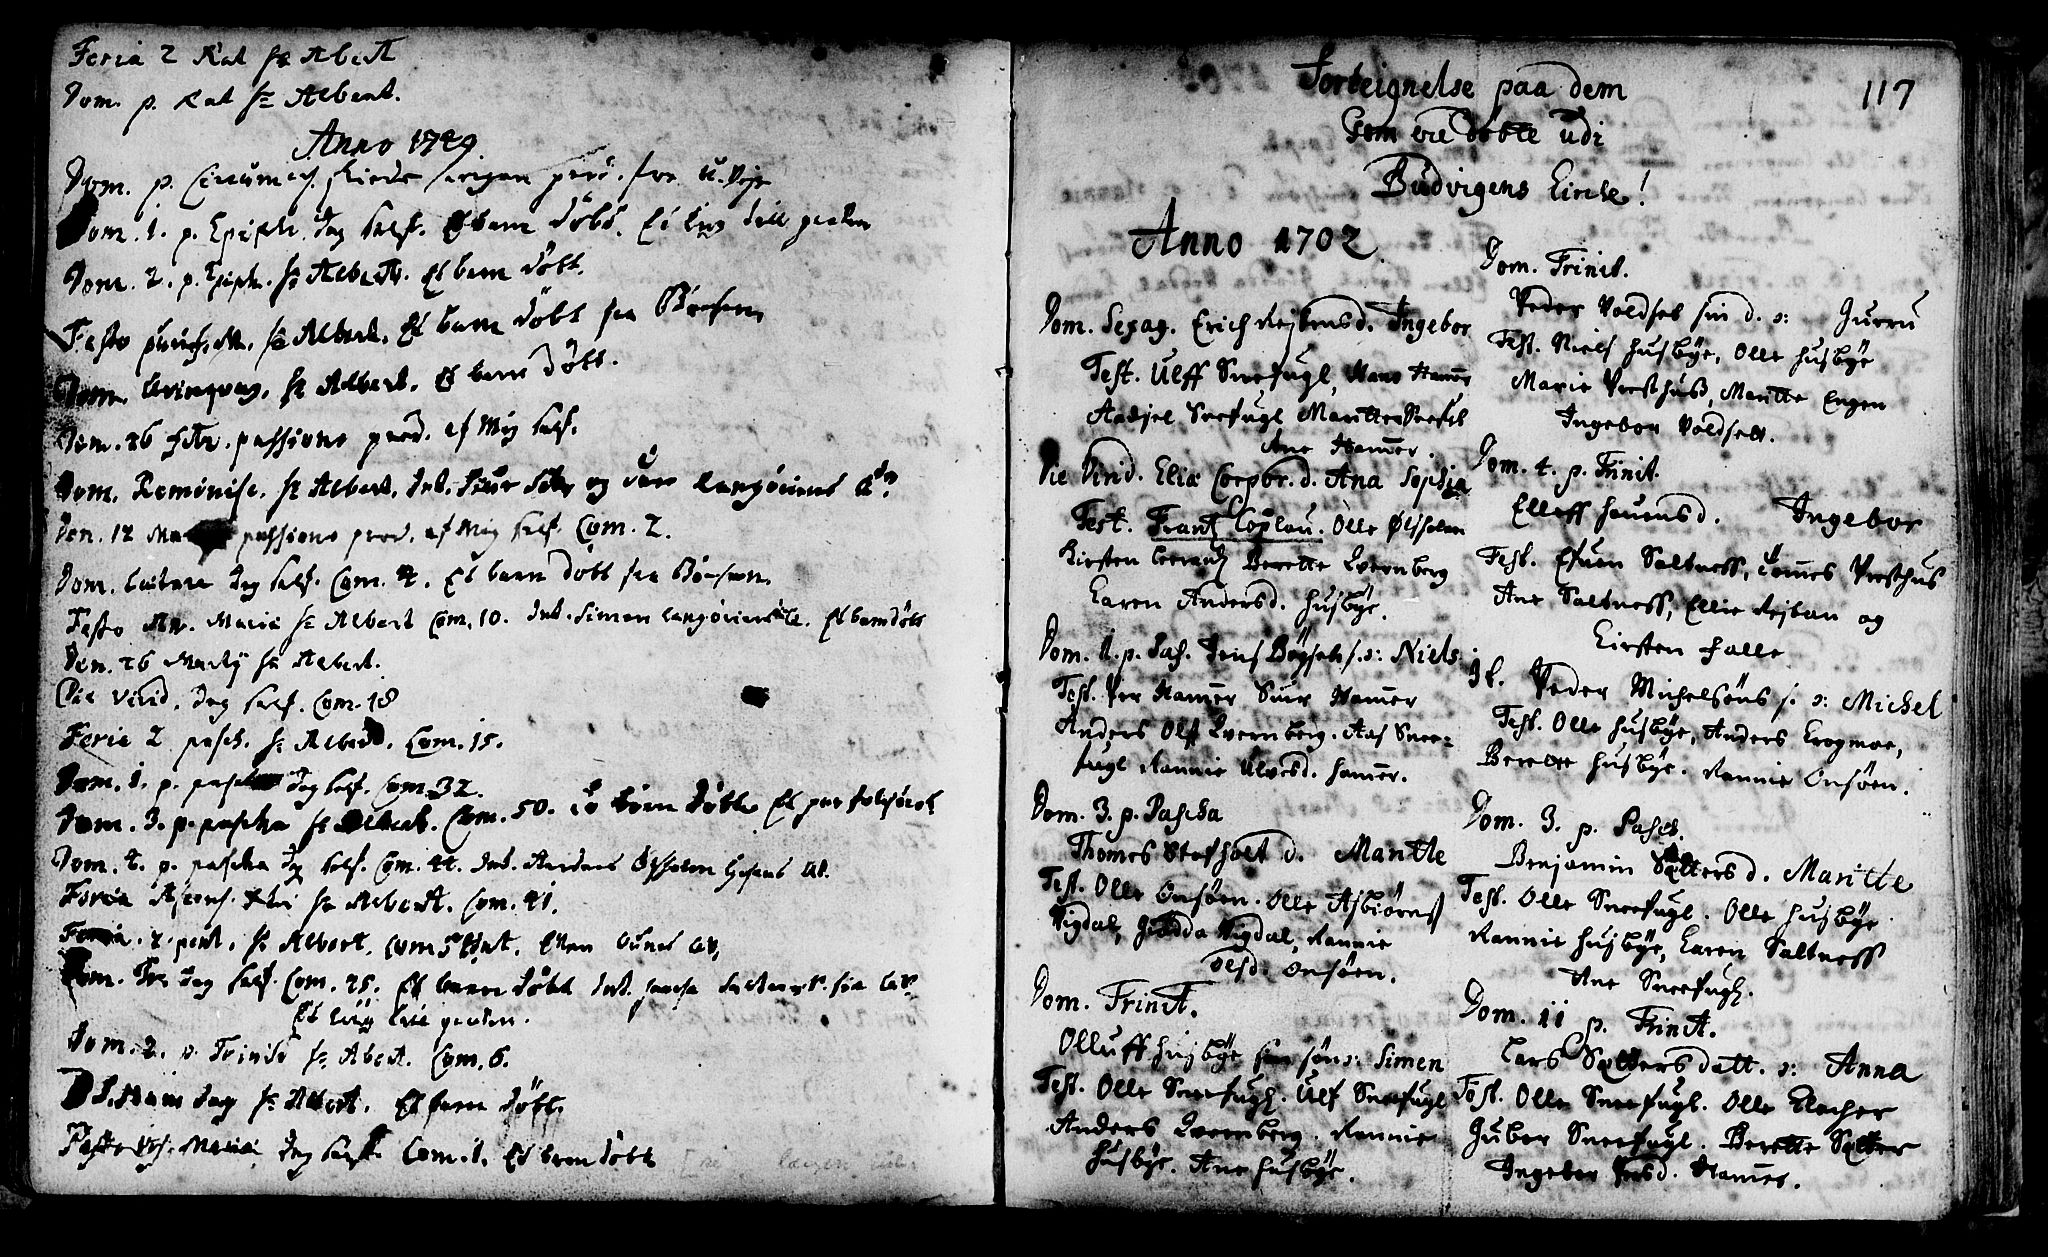 SAT, Ministerialprotokoller, klokkerbøker og fødselsregistre - Sør-Trøndelag, 666/L0783: Ministerialbok nr. 666A01, 1702-1753, s. 117